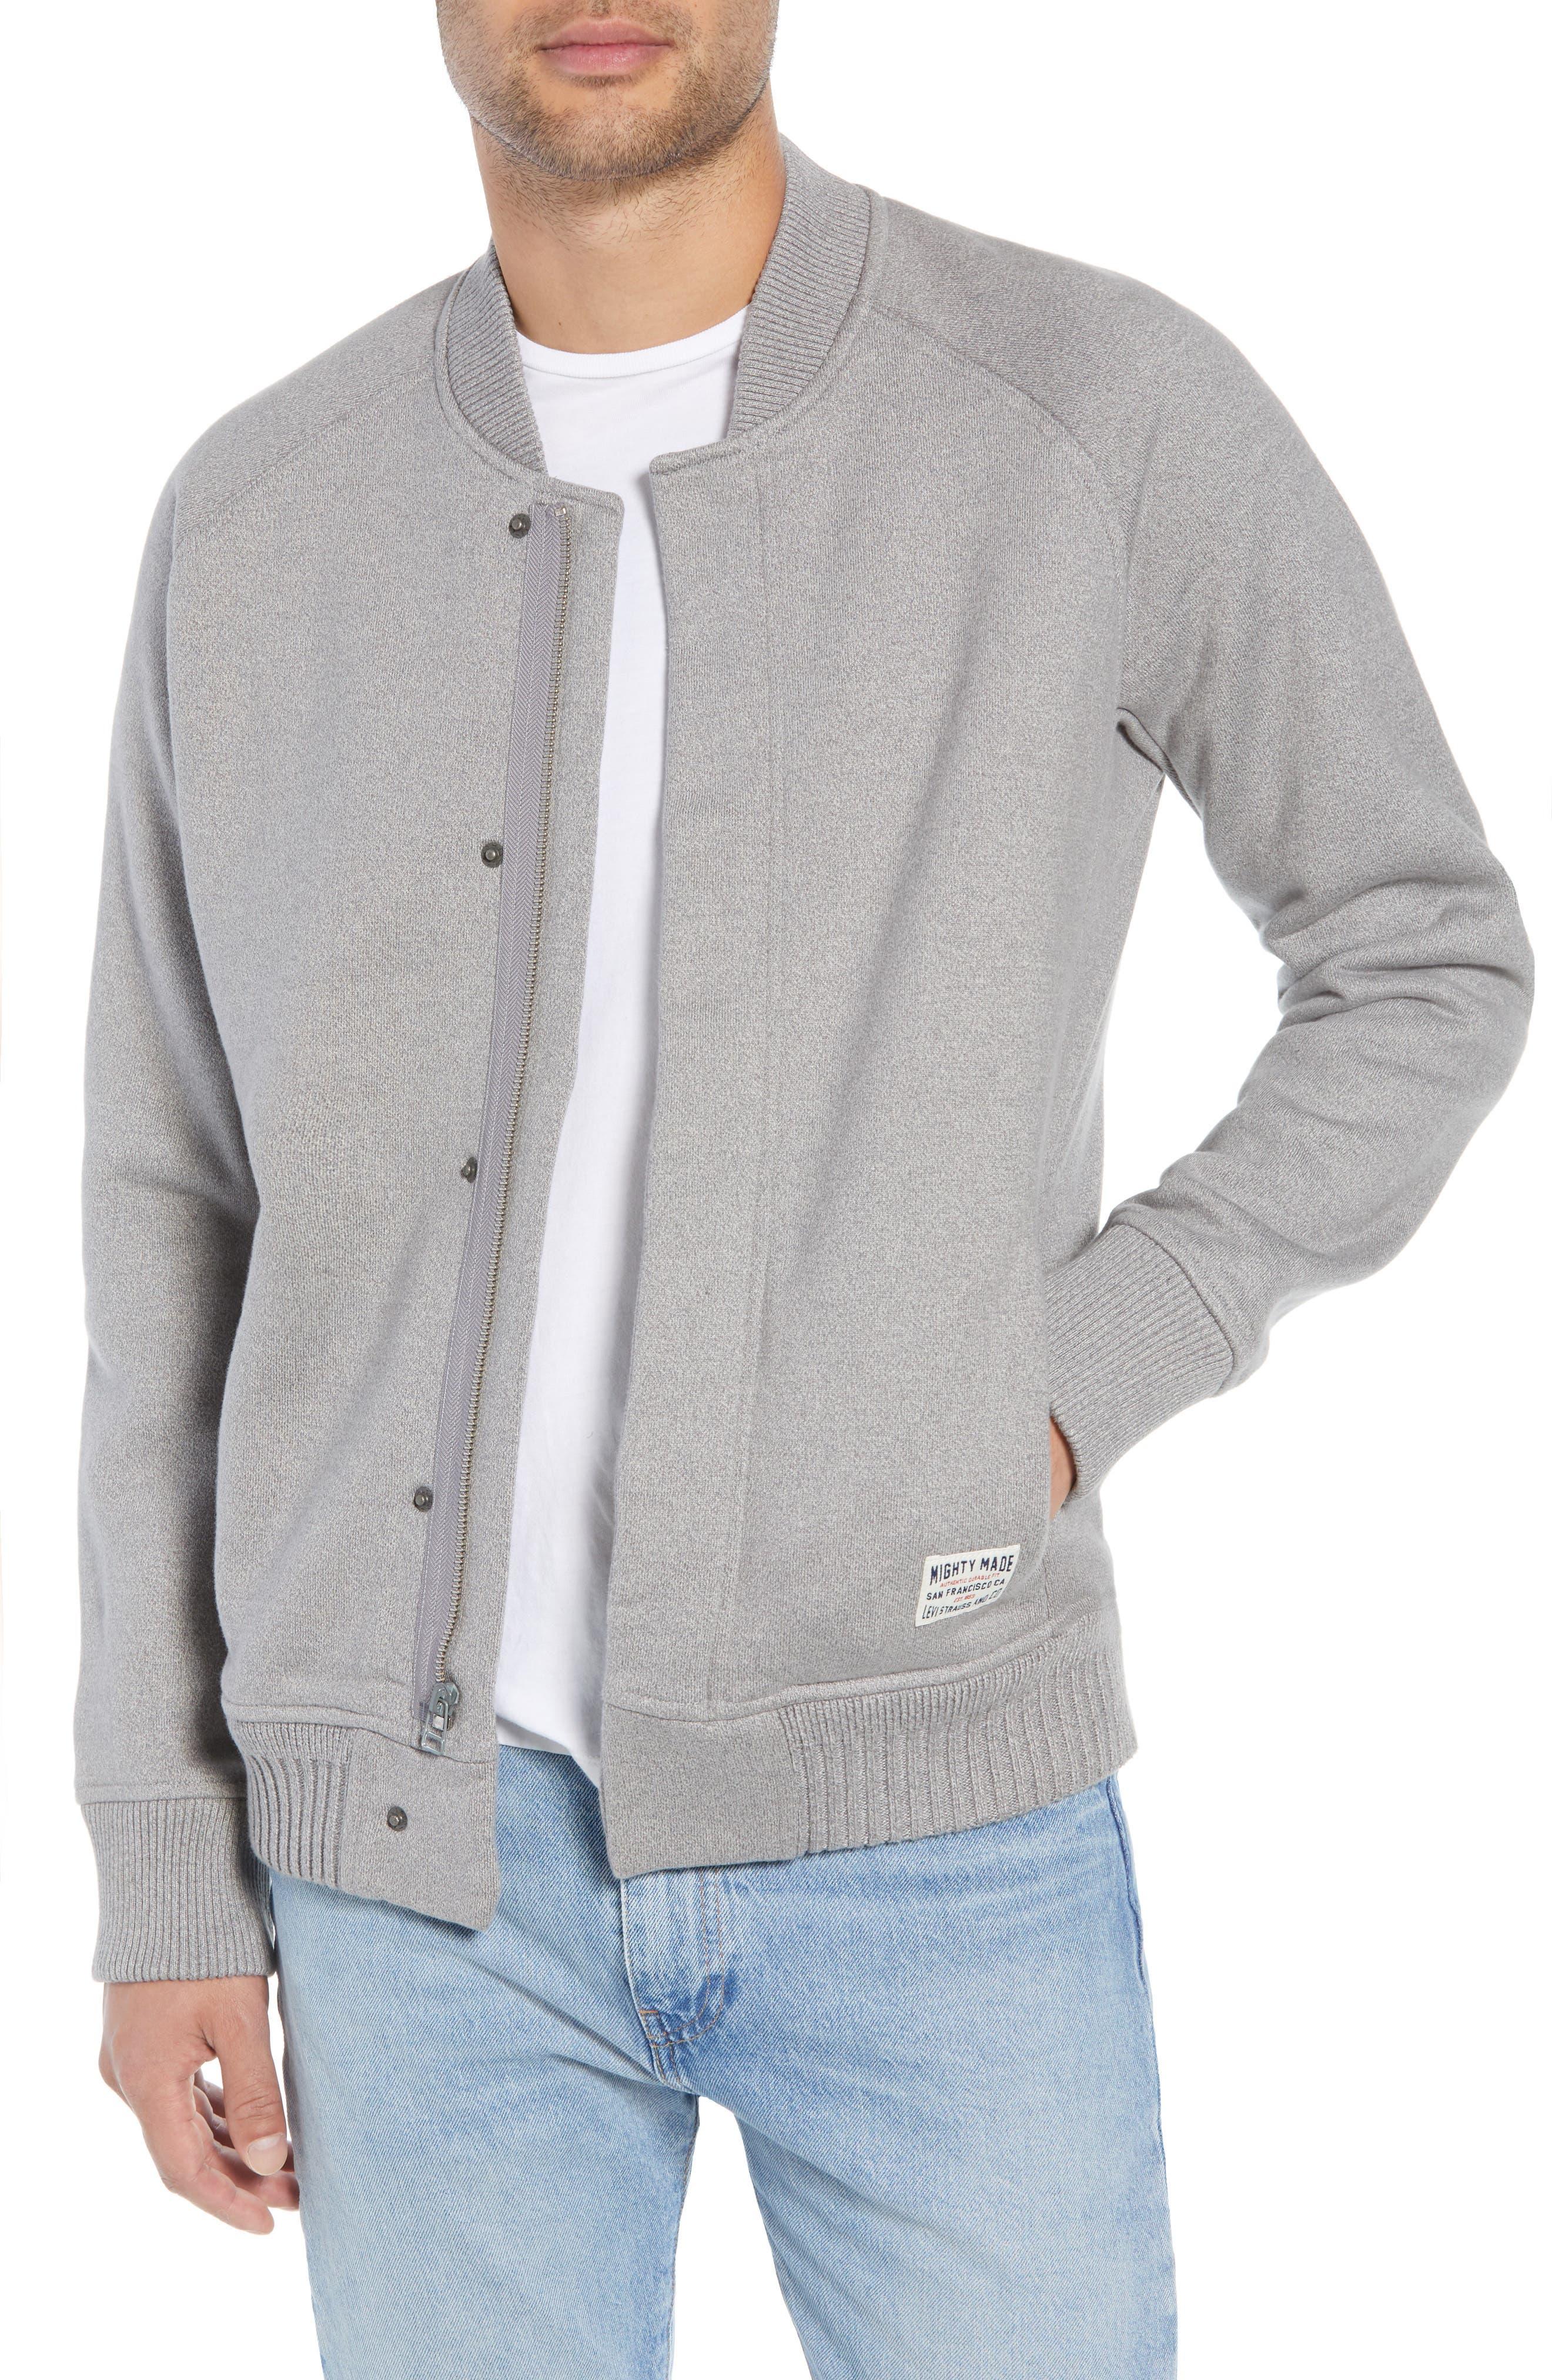 Levi's Knit Bomber Jacket,                             Main thumbnail 1, color,                             020